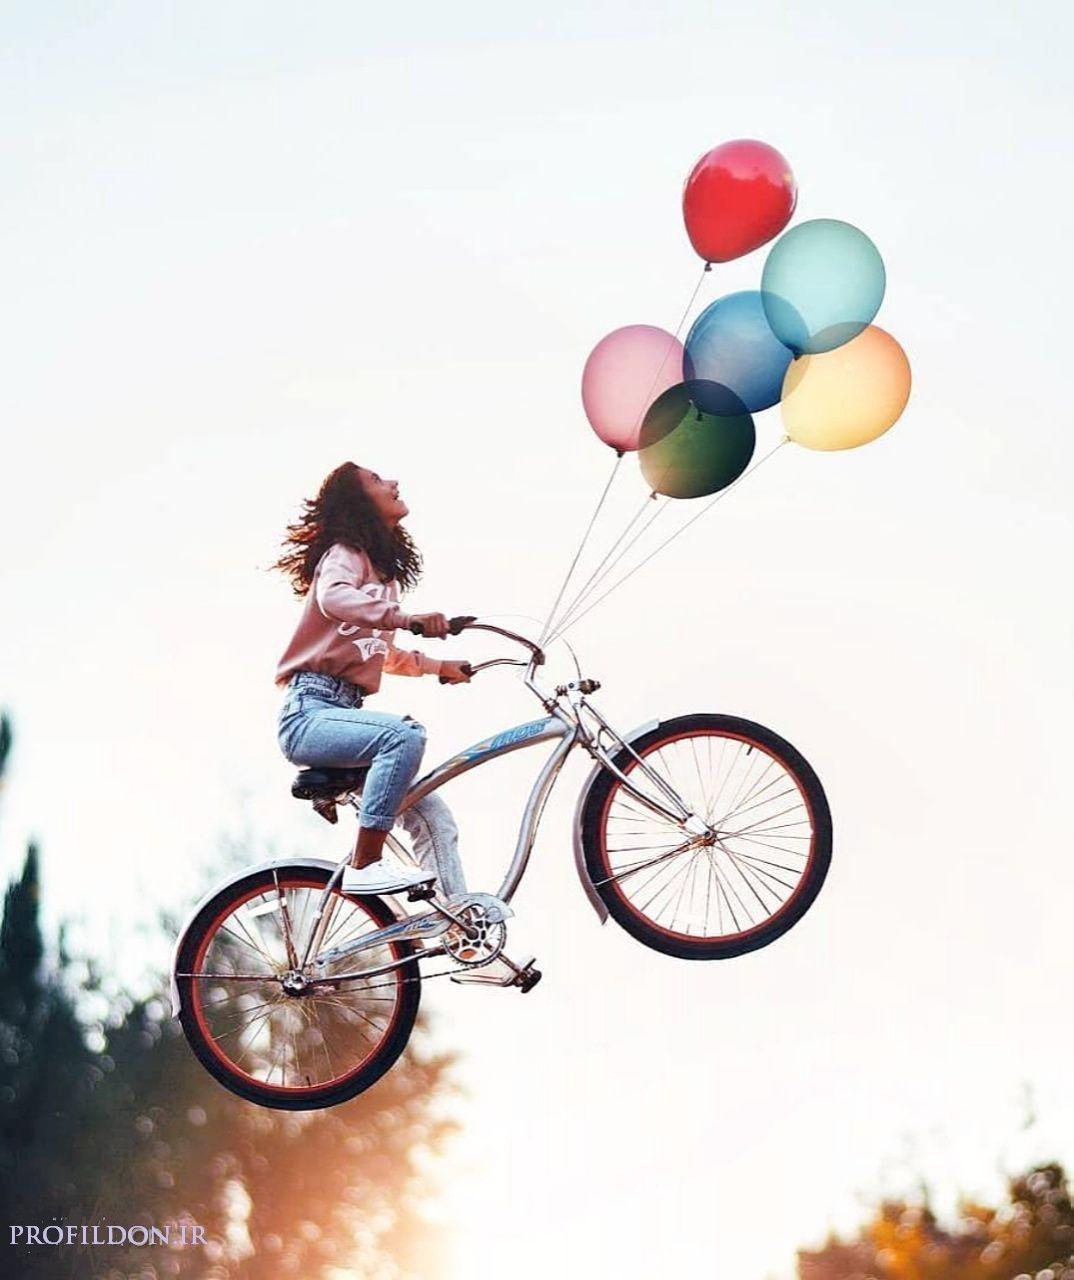 دختر آزاد